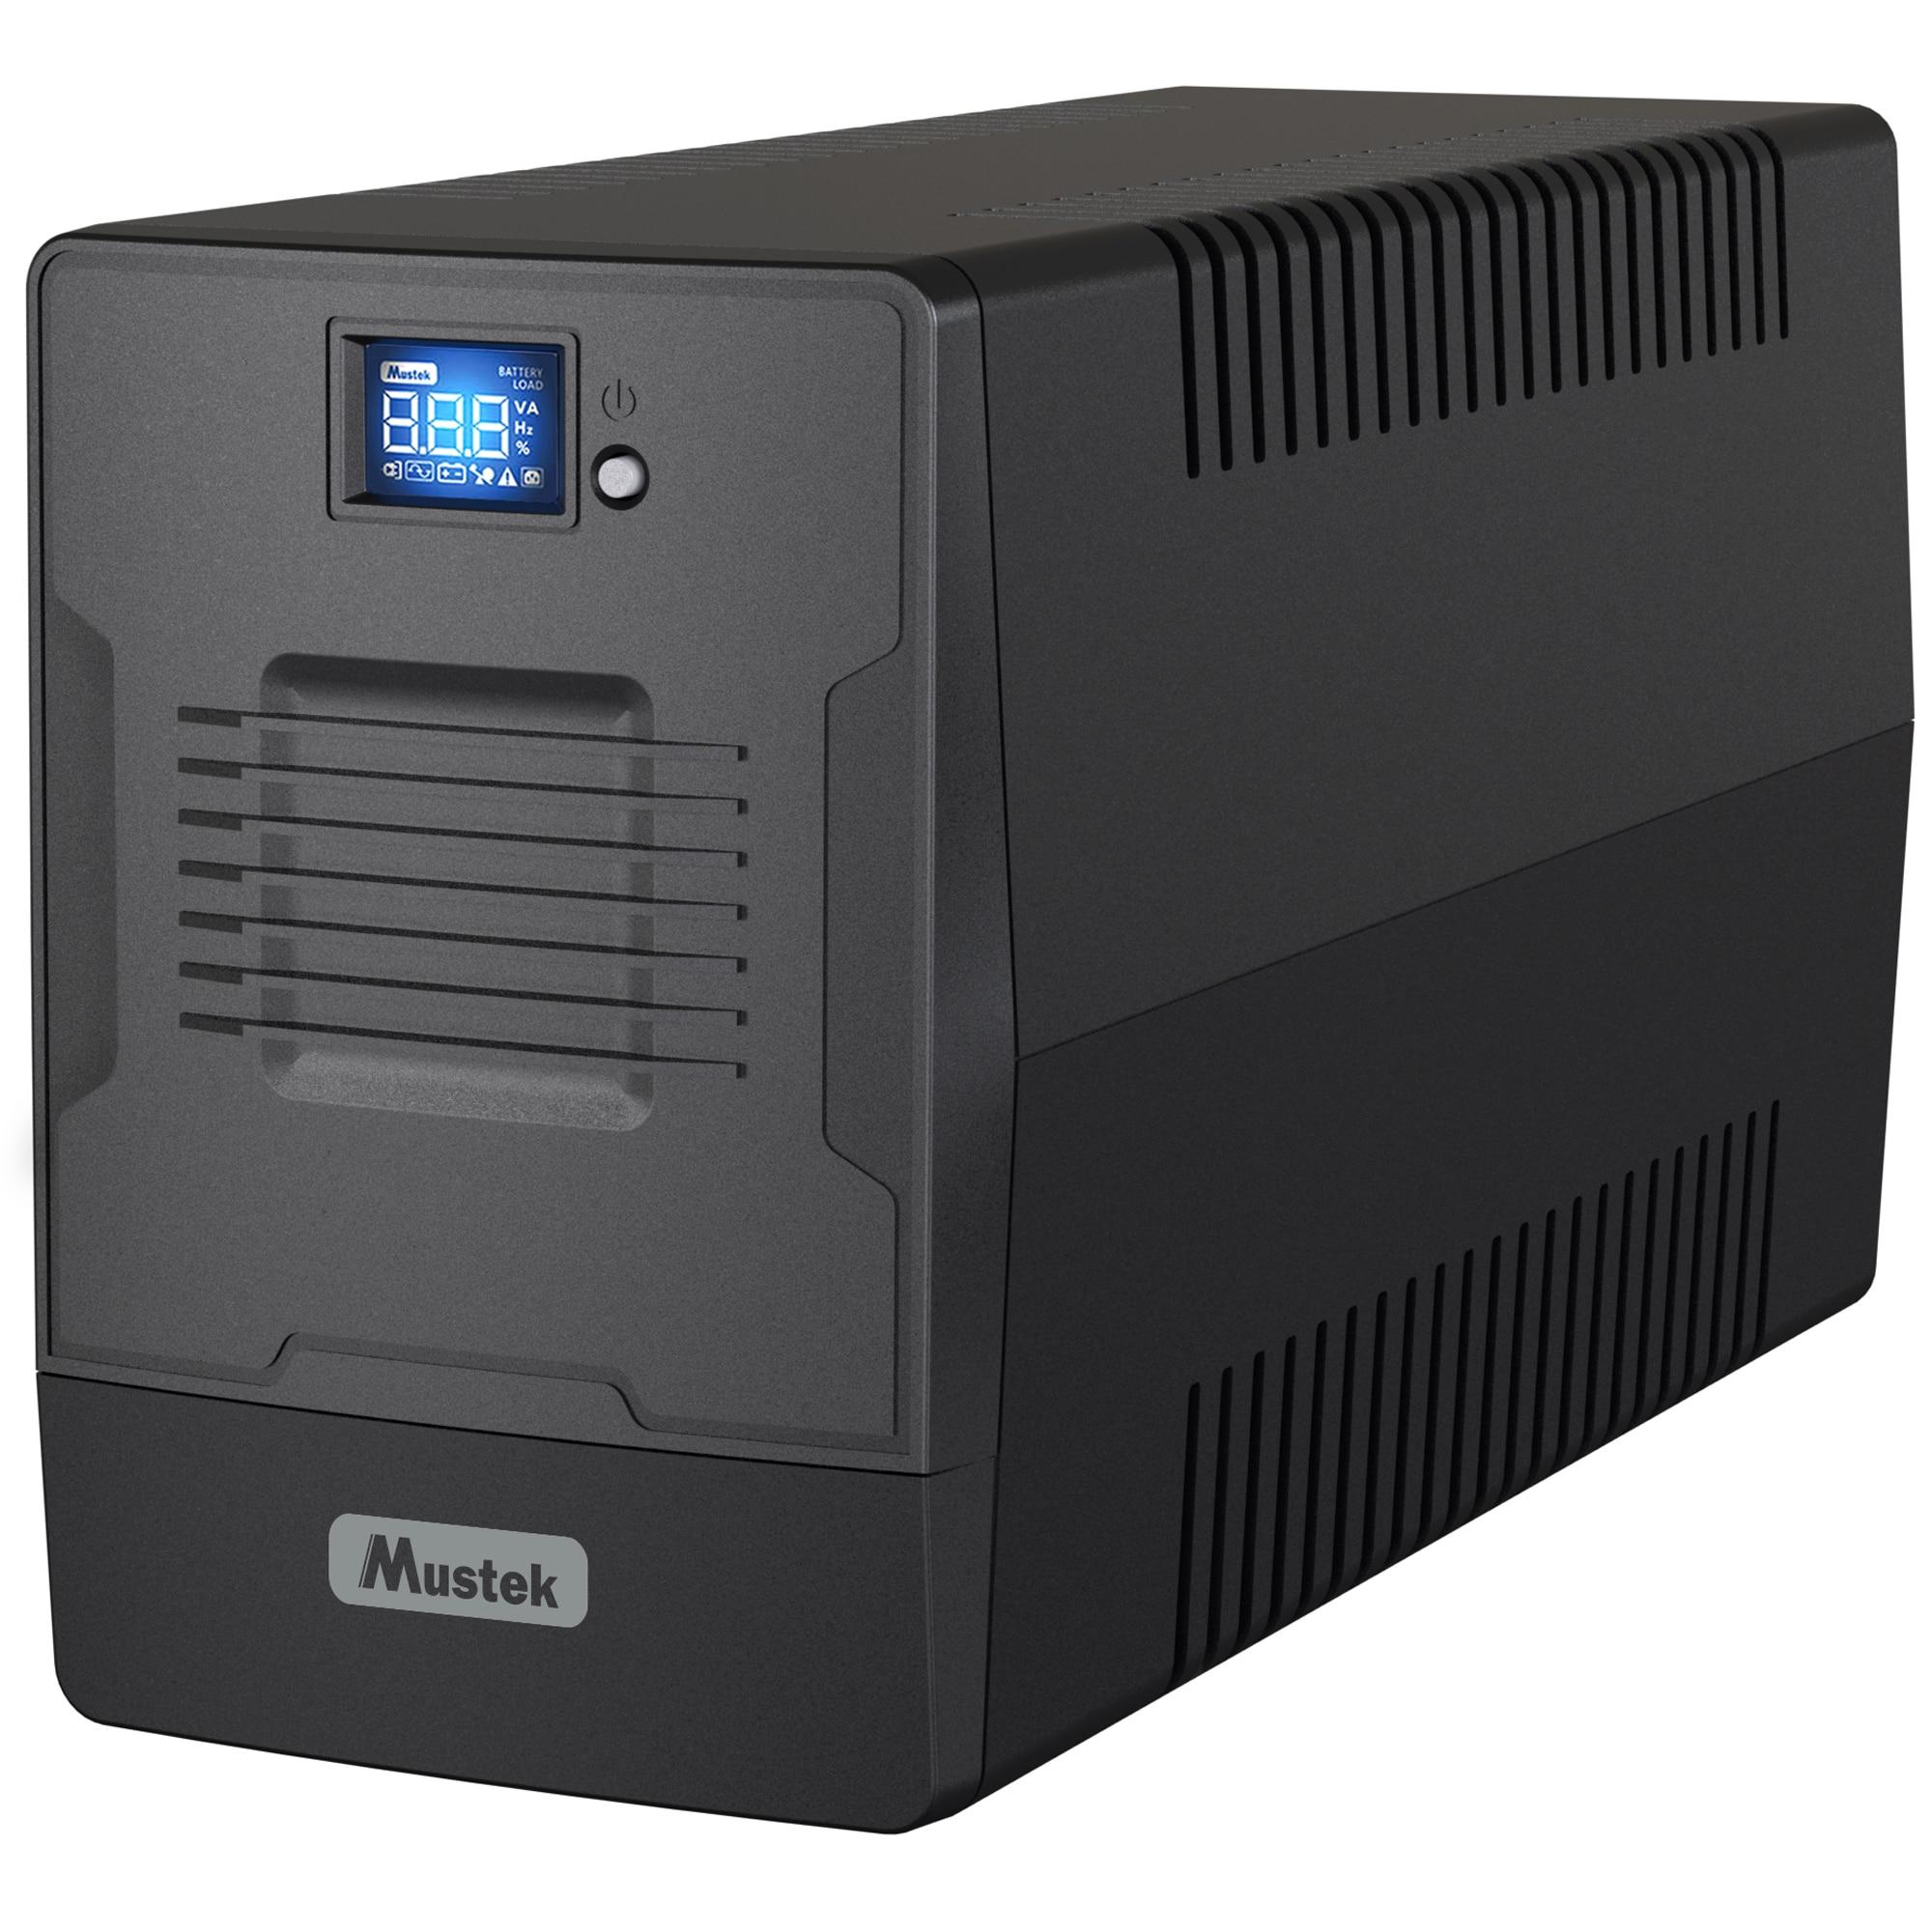 Fotografie UPS MUSTEK Line Int. cu management, LCD, 1000VA/ 600W, AVR, 2 x IEC & 2 x Shucko, display LCD, USB, combo RJ45, Fan